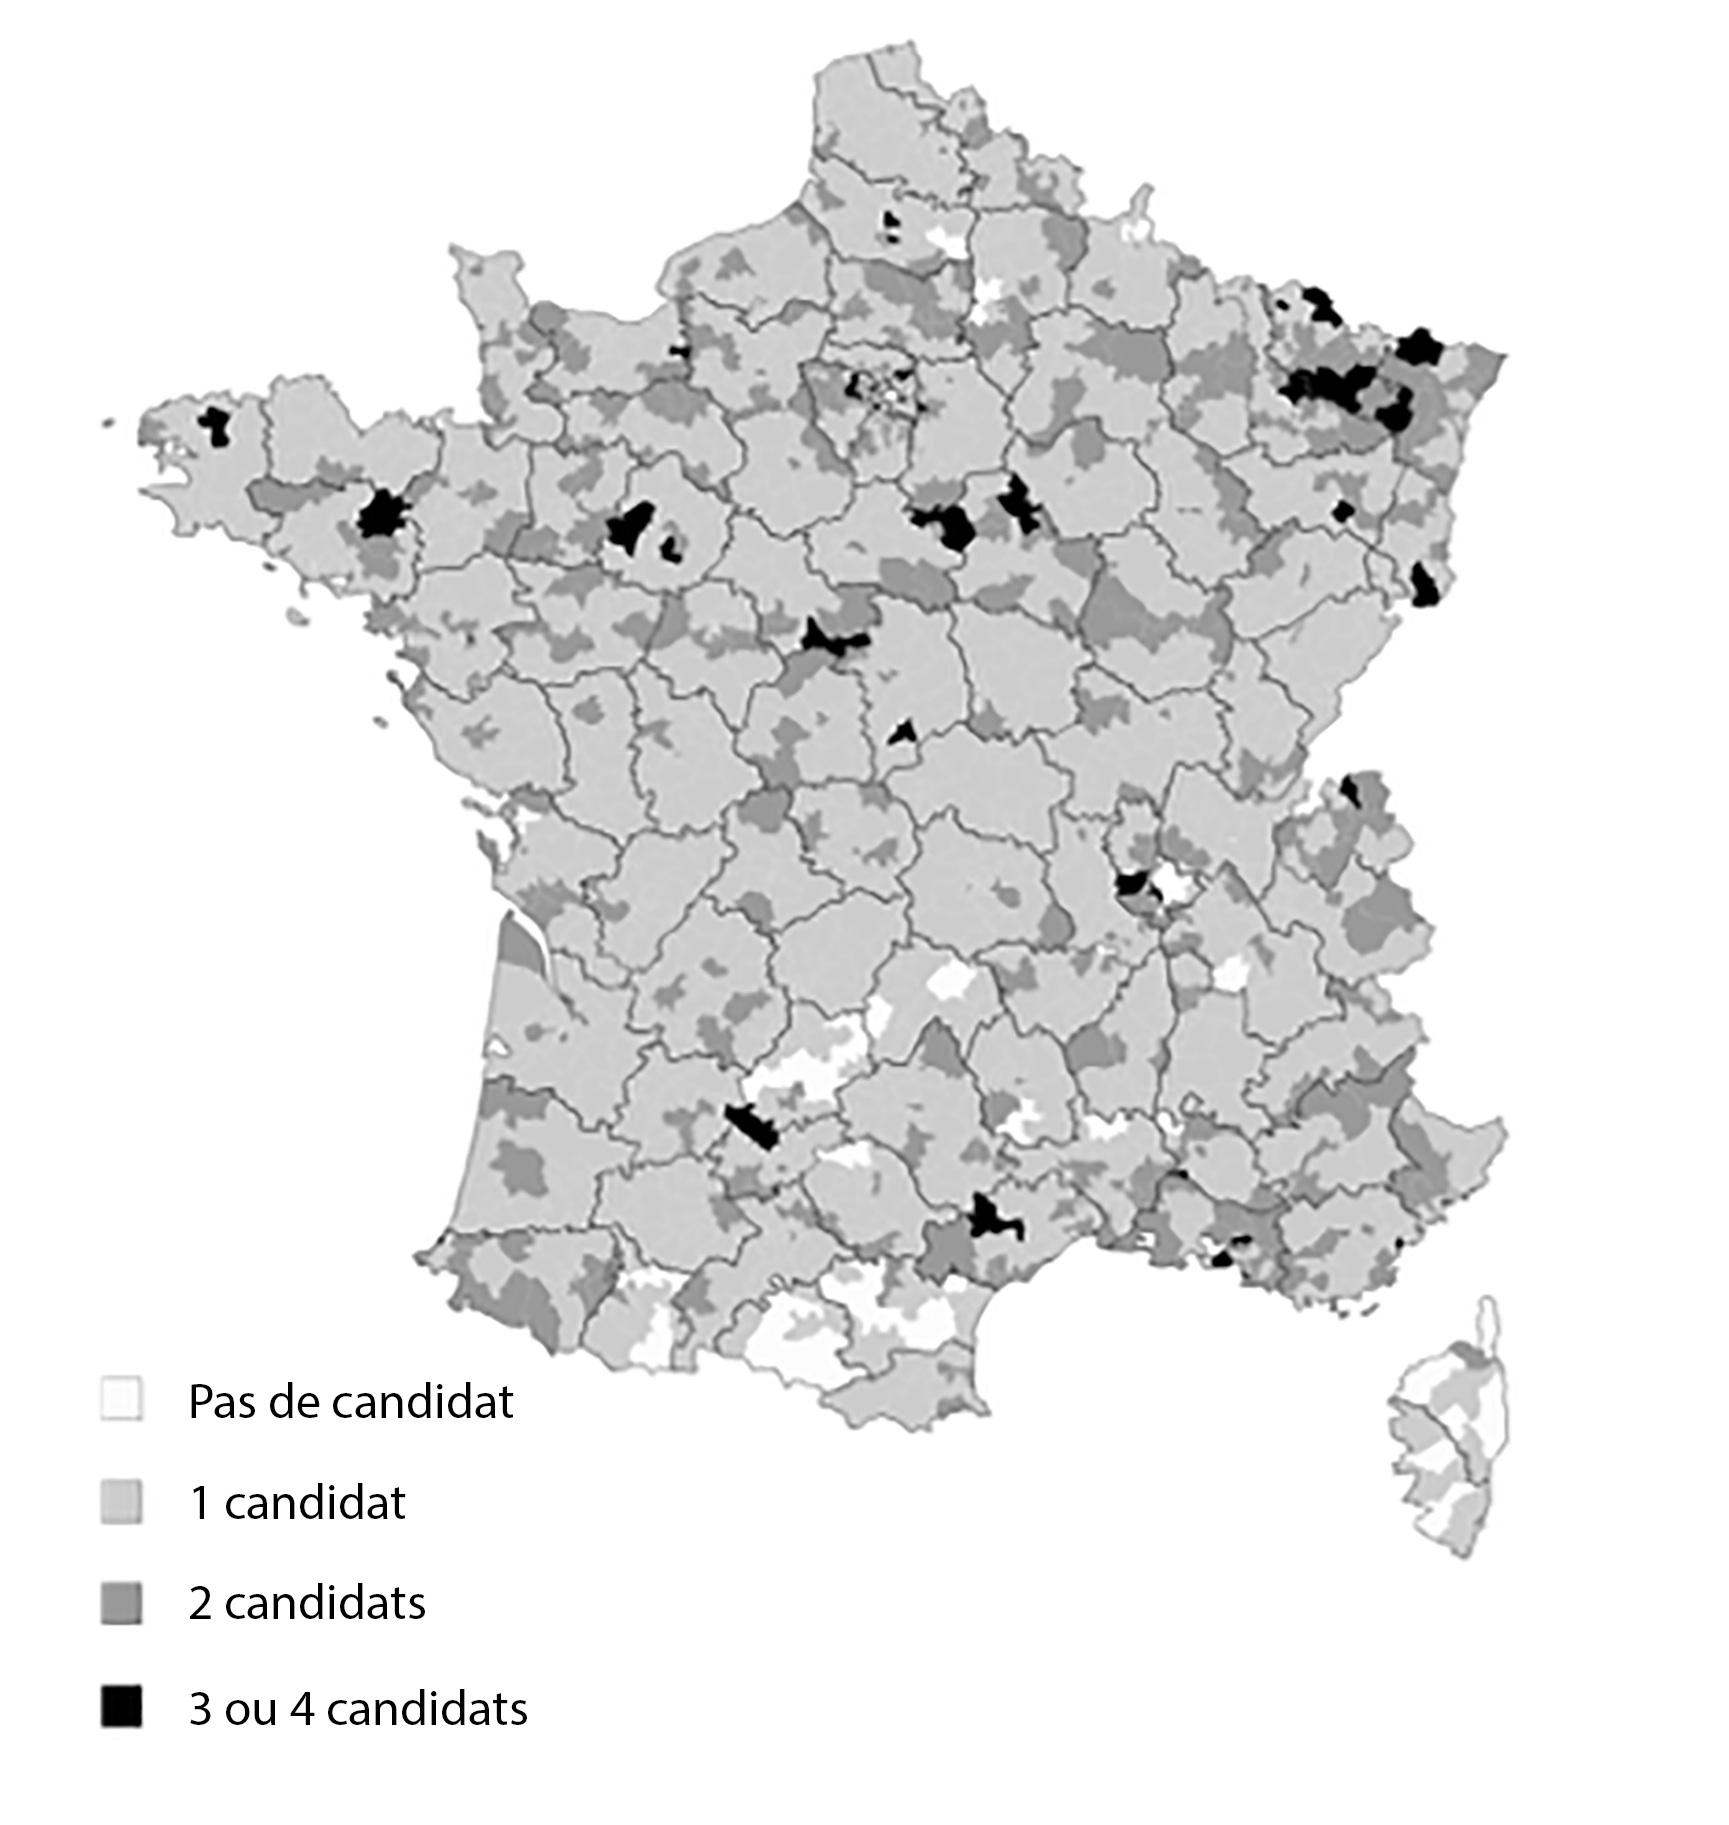 Niveau de fragmentation de la droite aux élections départementales de 2015